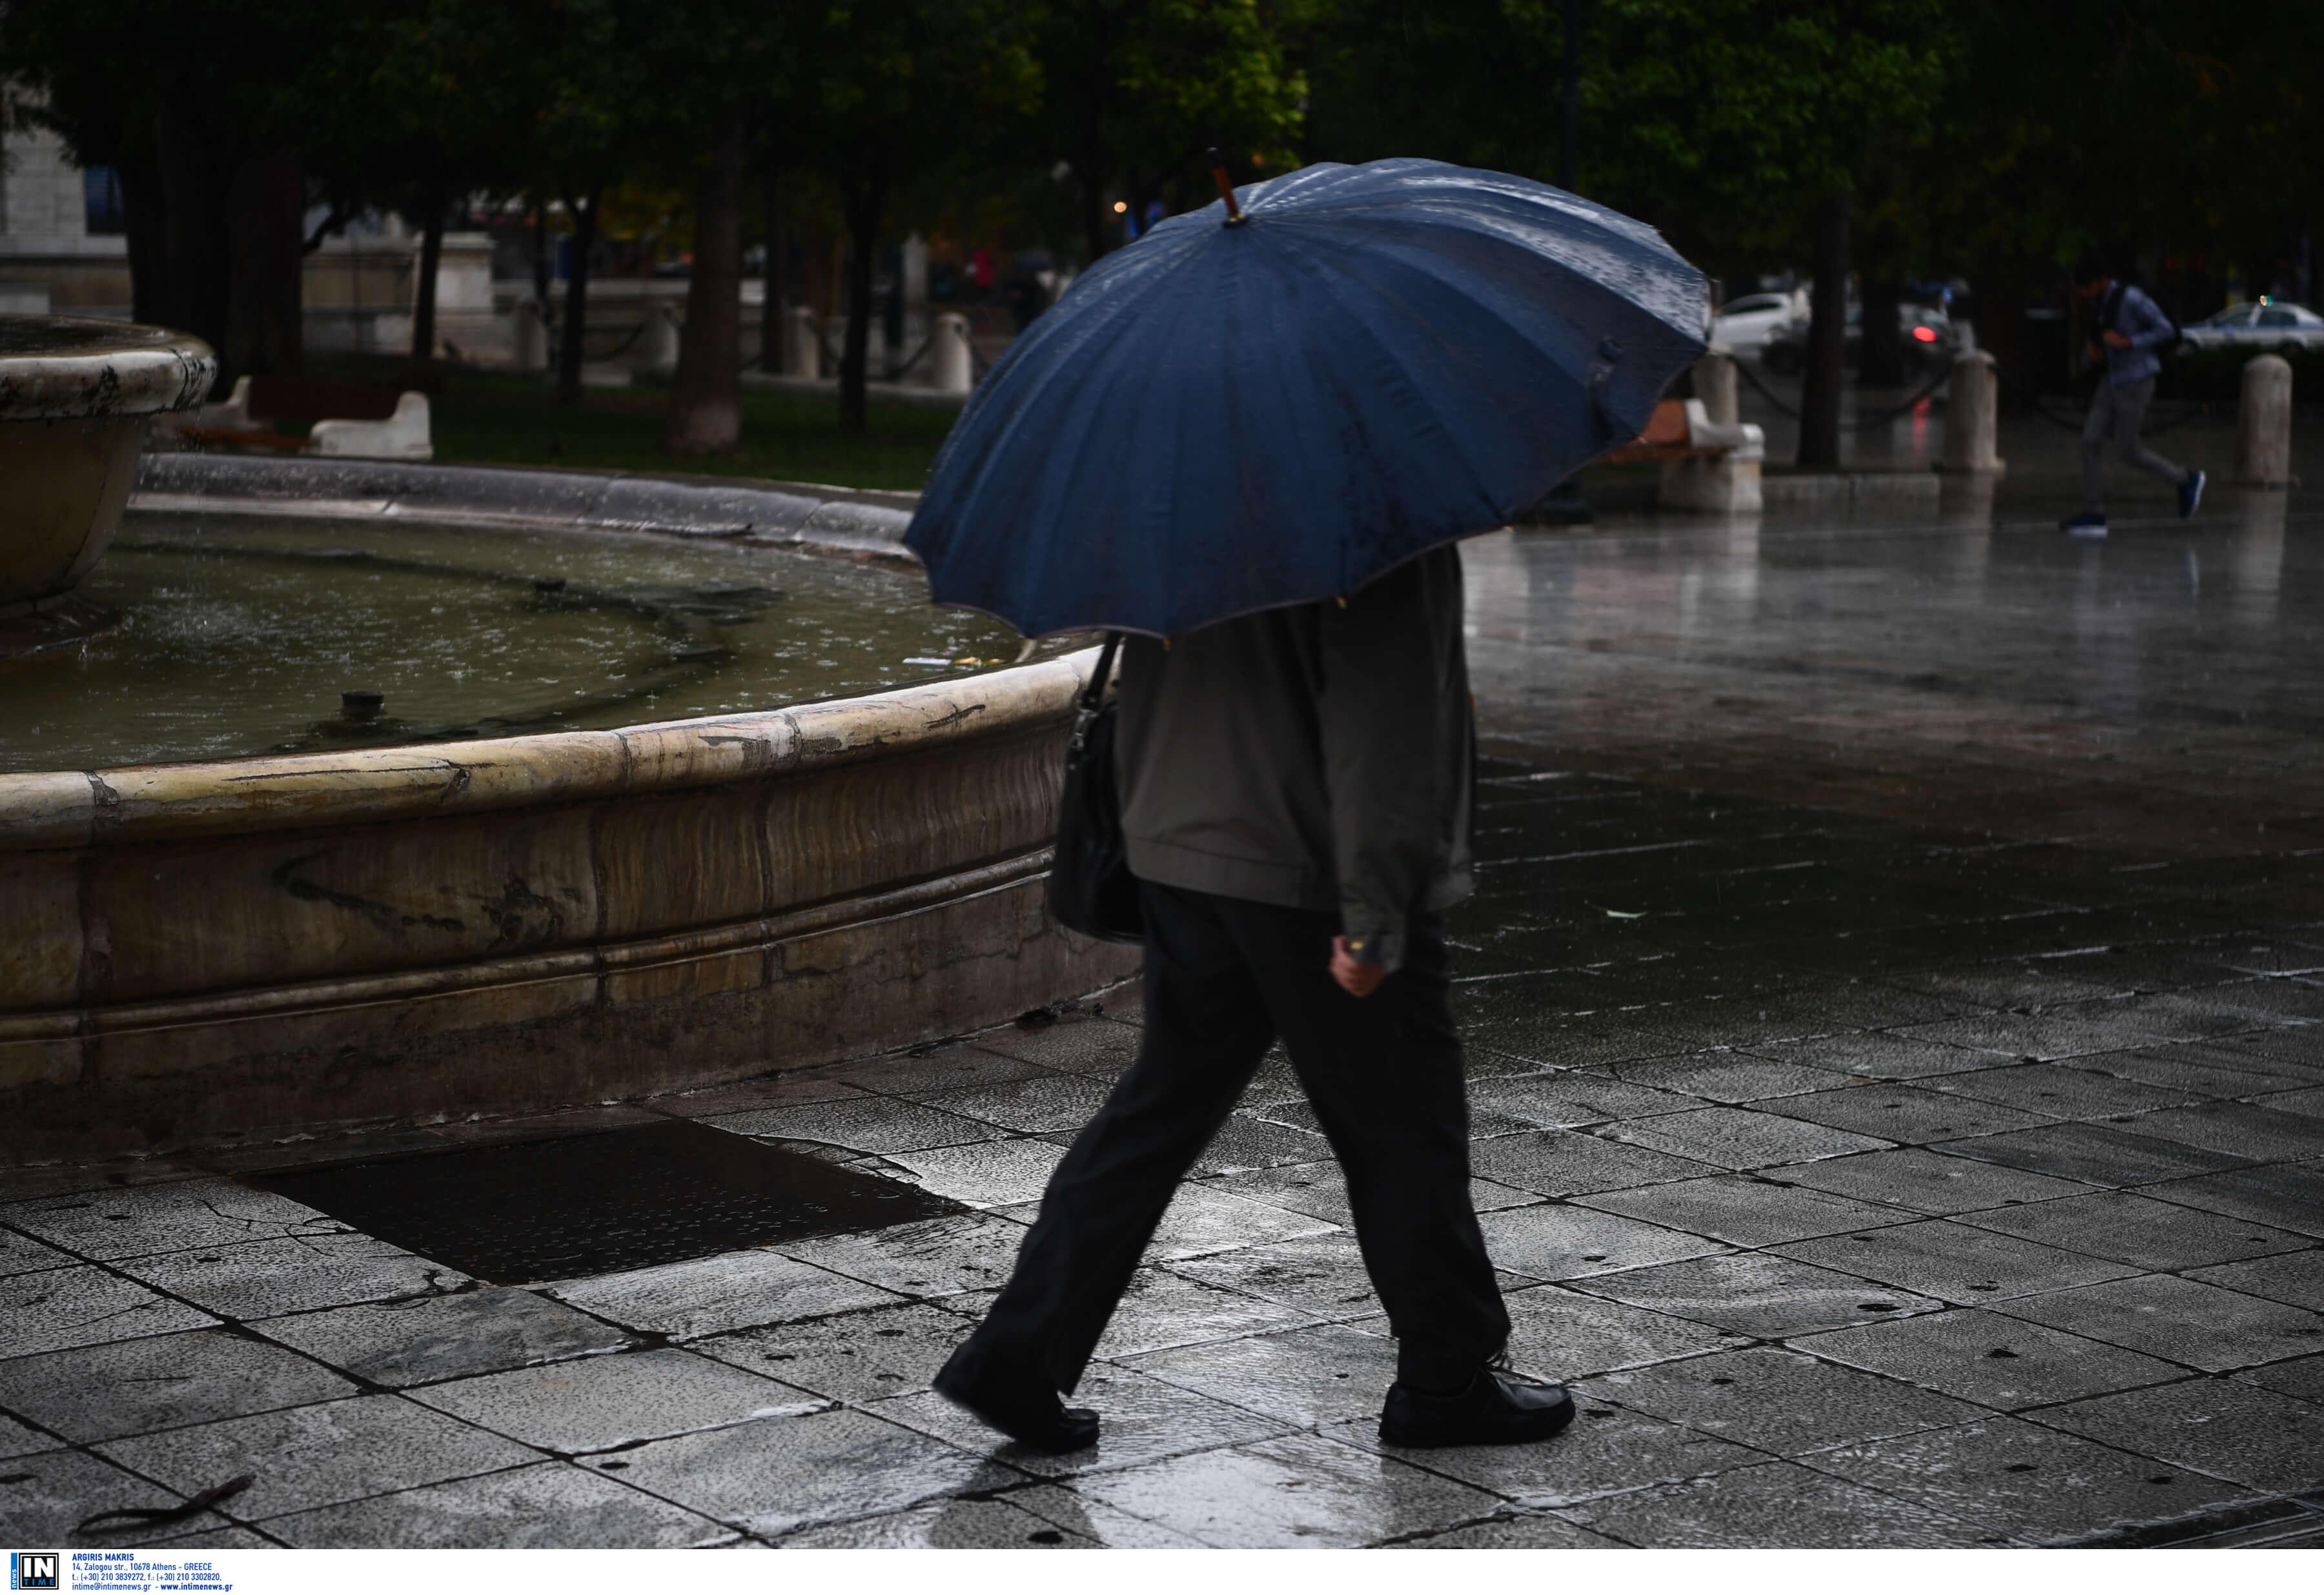 Καιρός: Επιδείνωση με βροχές και καταιγίδες και πτώση θερμοκρασίας!